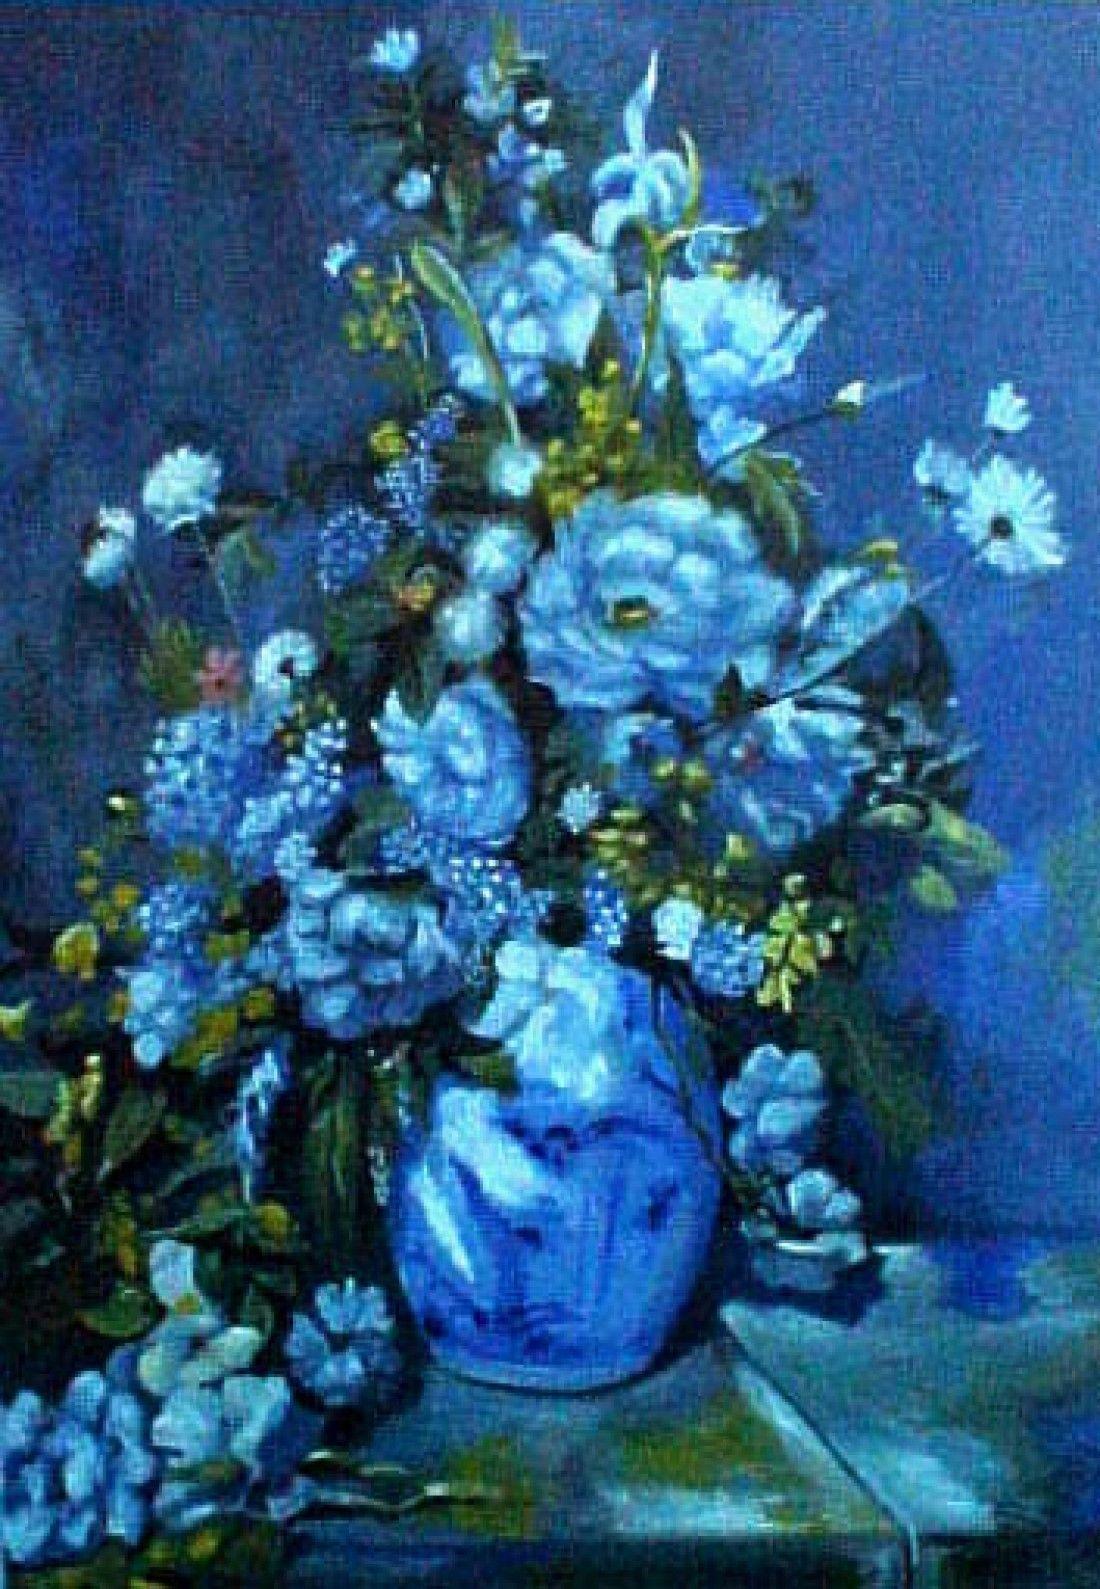 Pinturas a Oleo - Resultados Yahoo Search da busca de imagens